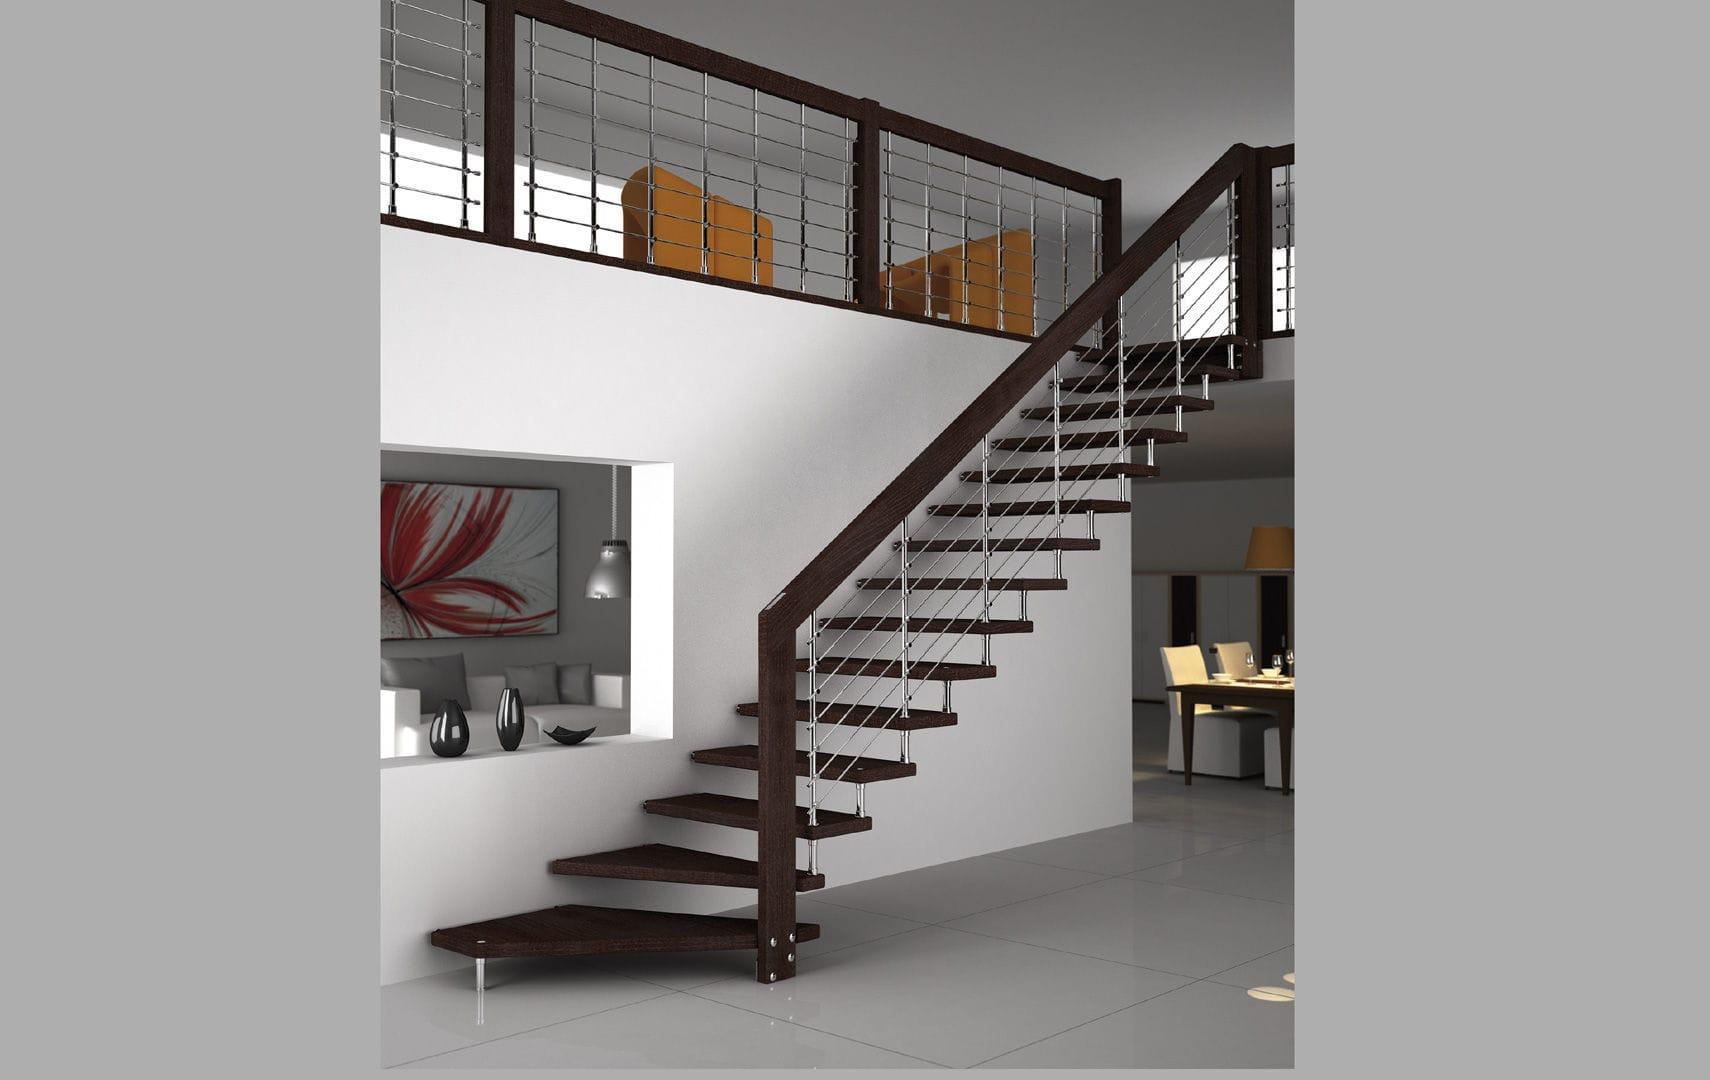 Escalera en L estructura de metal con peldaos de madera sin